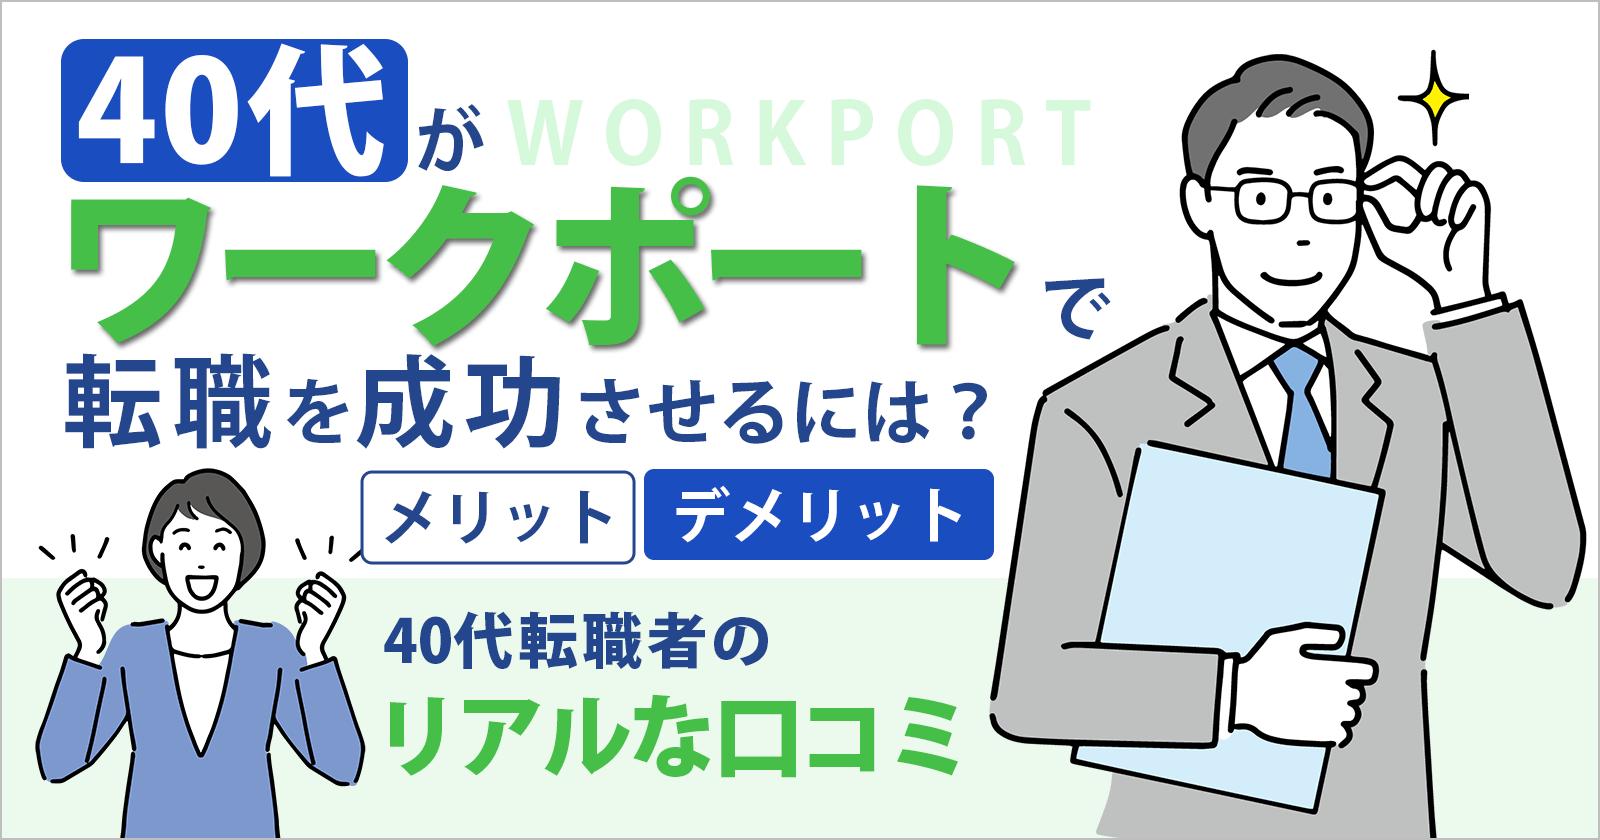 ワークポートは40代でも使える?その特徴や利用者の評判を解説